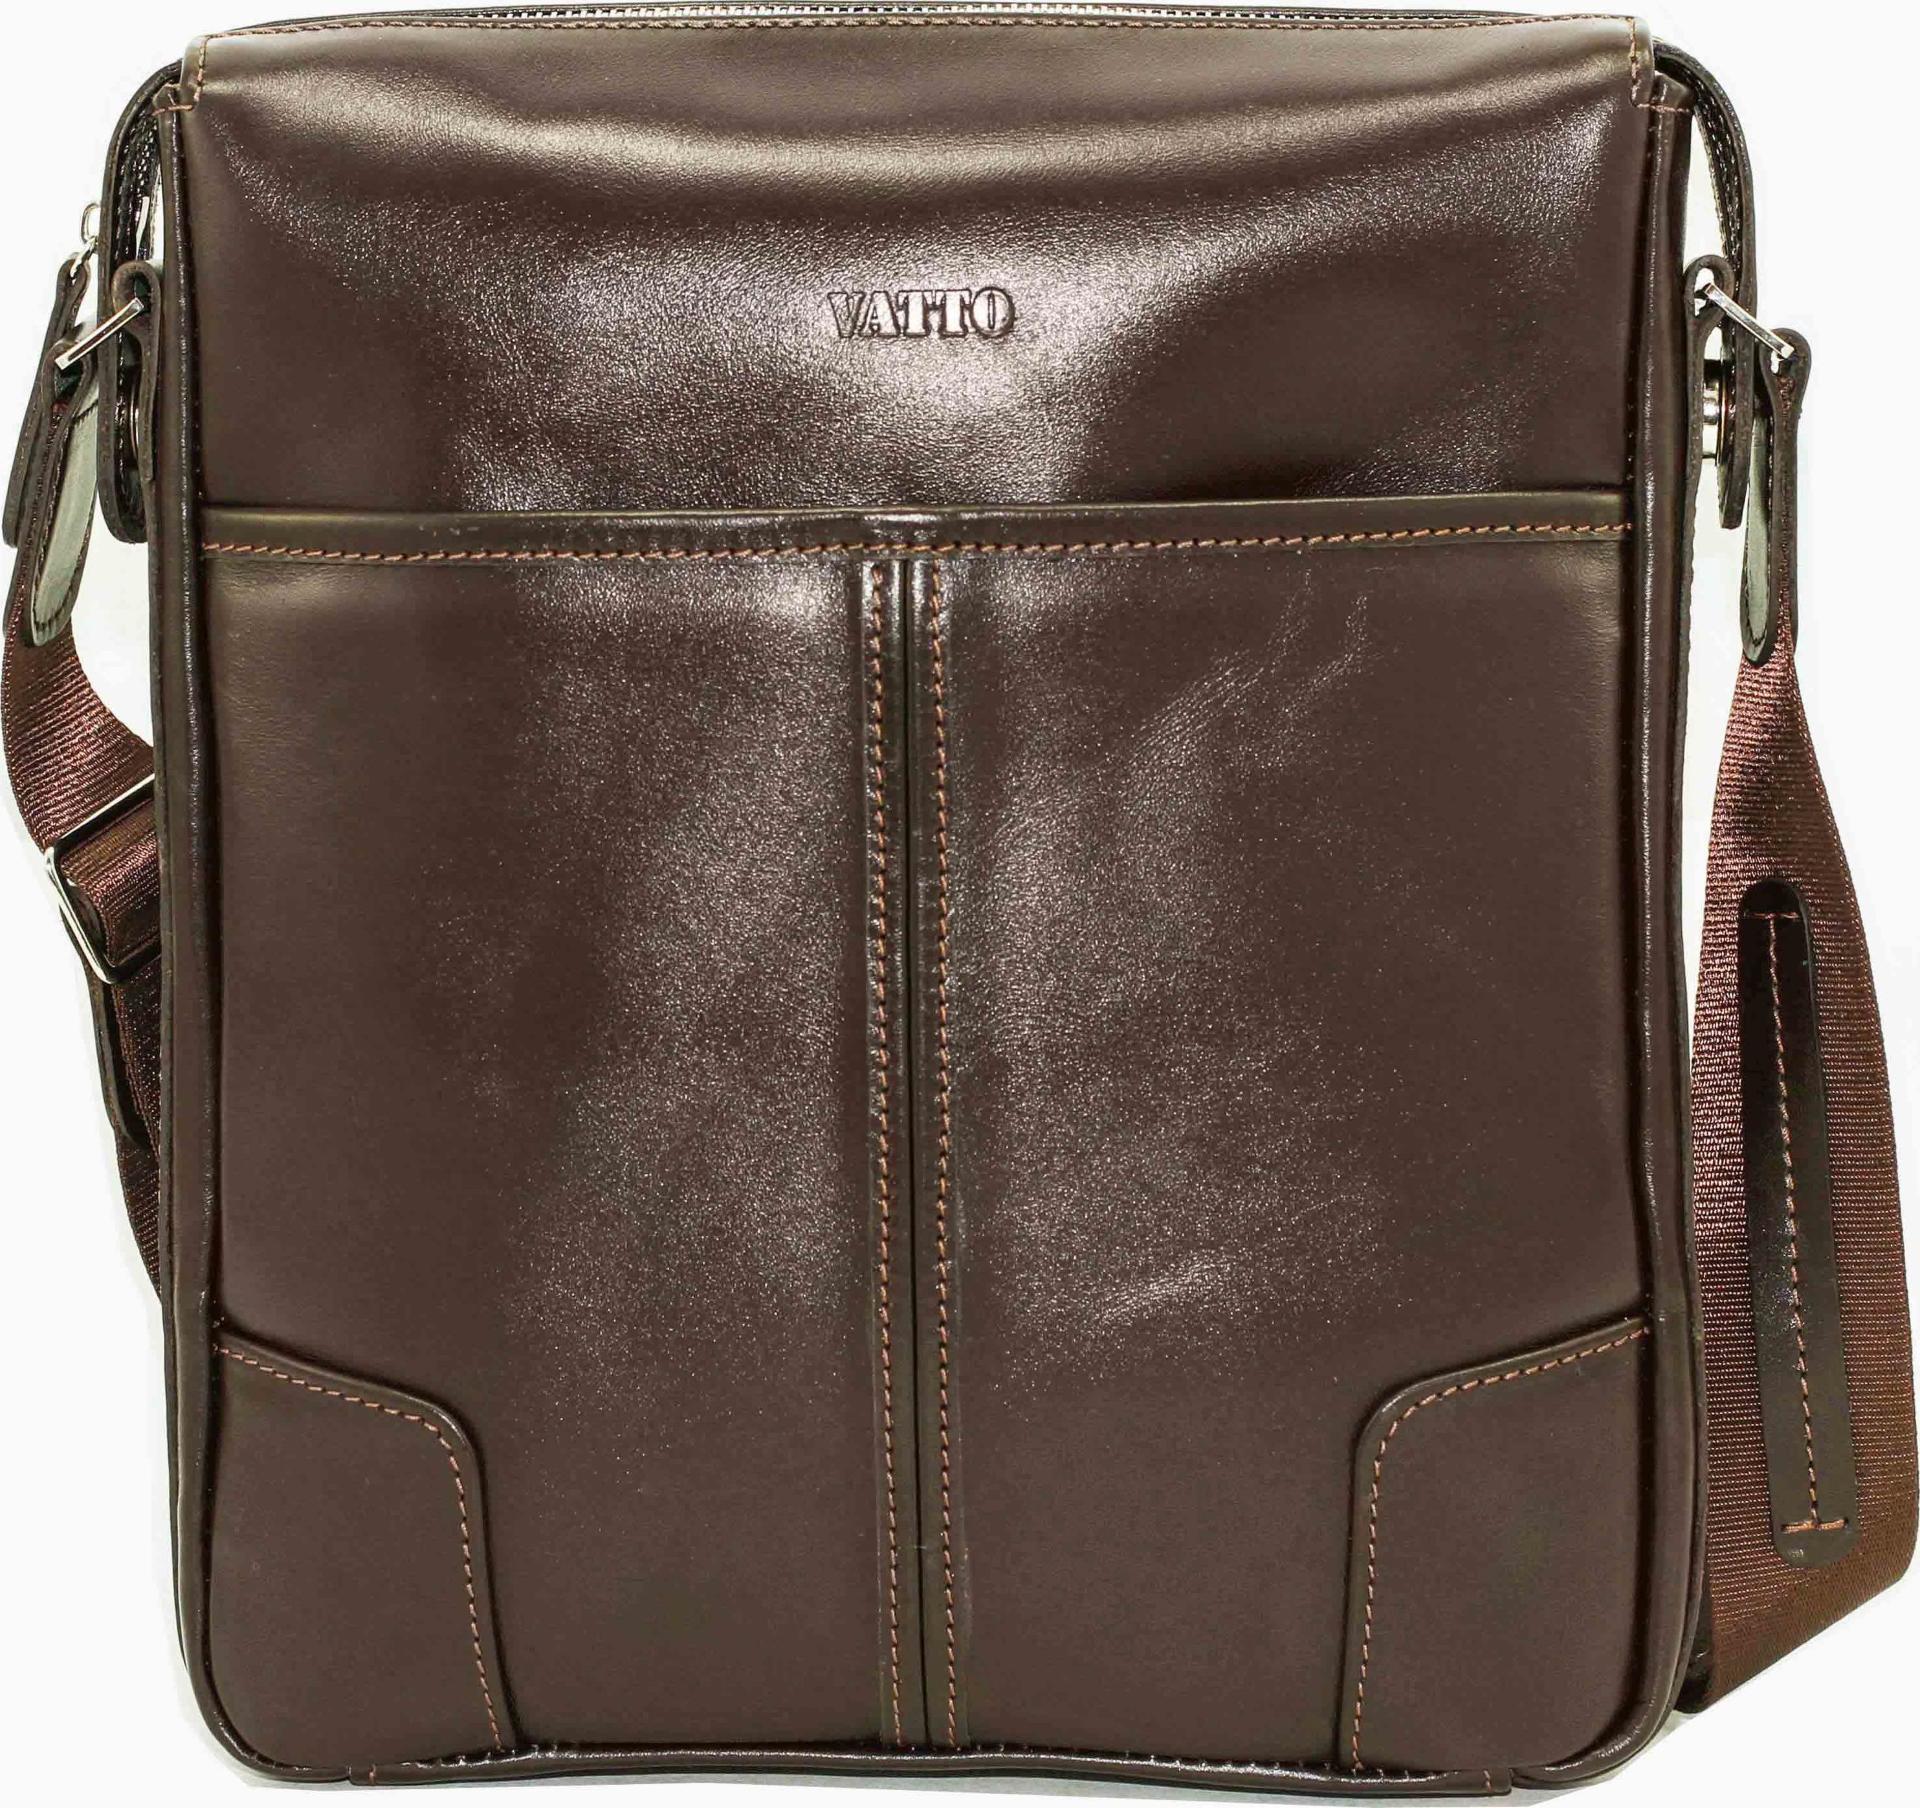 e13af90d39f0 Мужская коричневая сумка из гладкой кожи VATTO (11865) купить в ...